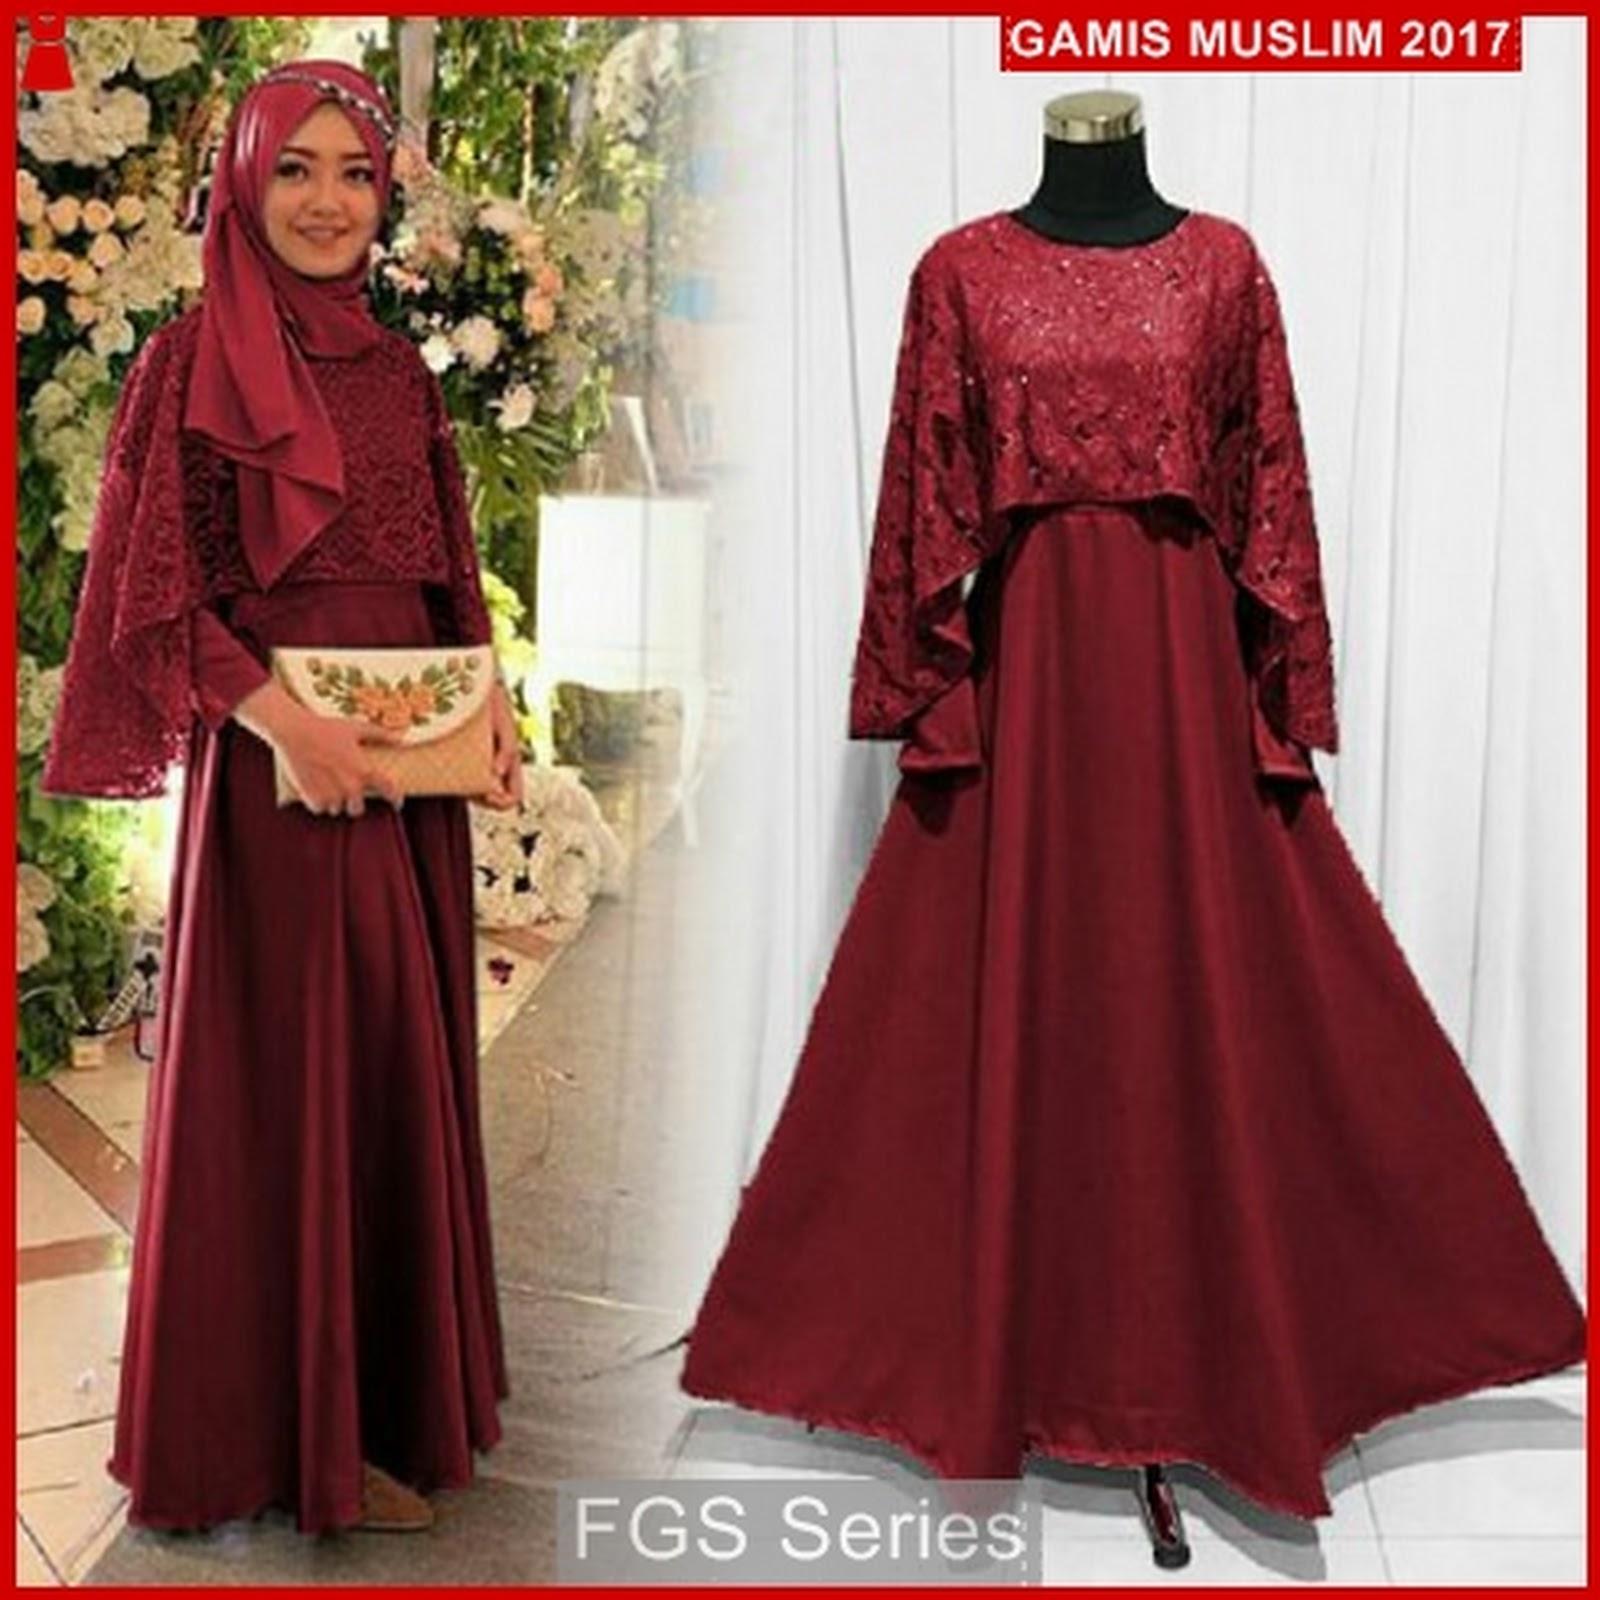 Baju Gamis Terbaru Untuk Acara Pesta Model Brokat 2017 - 2018. Gamis Muslim  Brokat Terbaru b0fd91f537